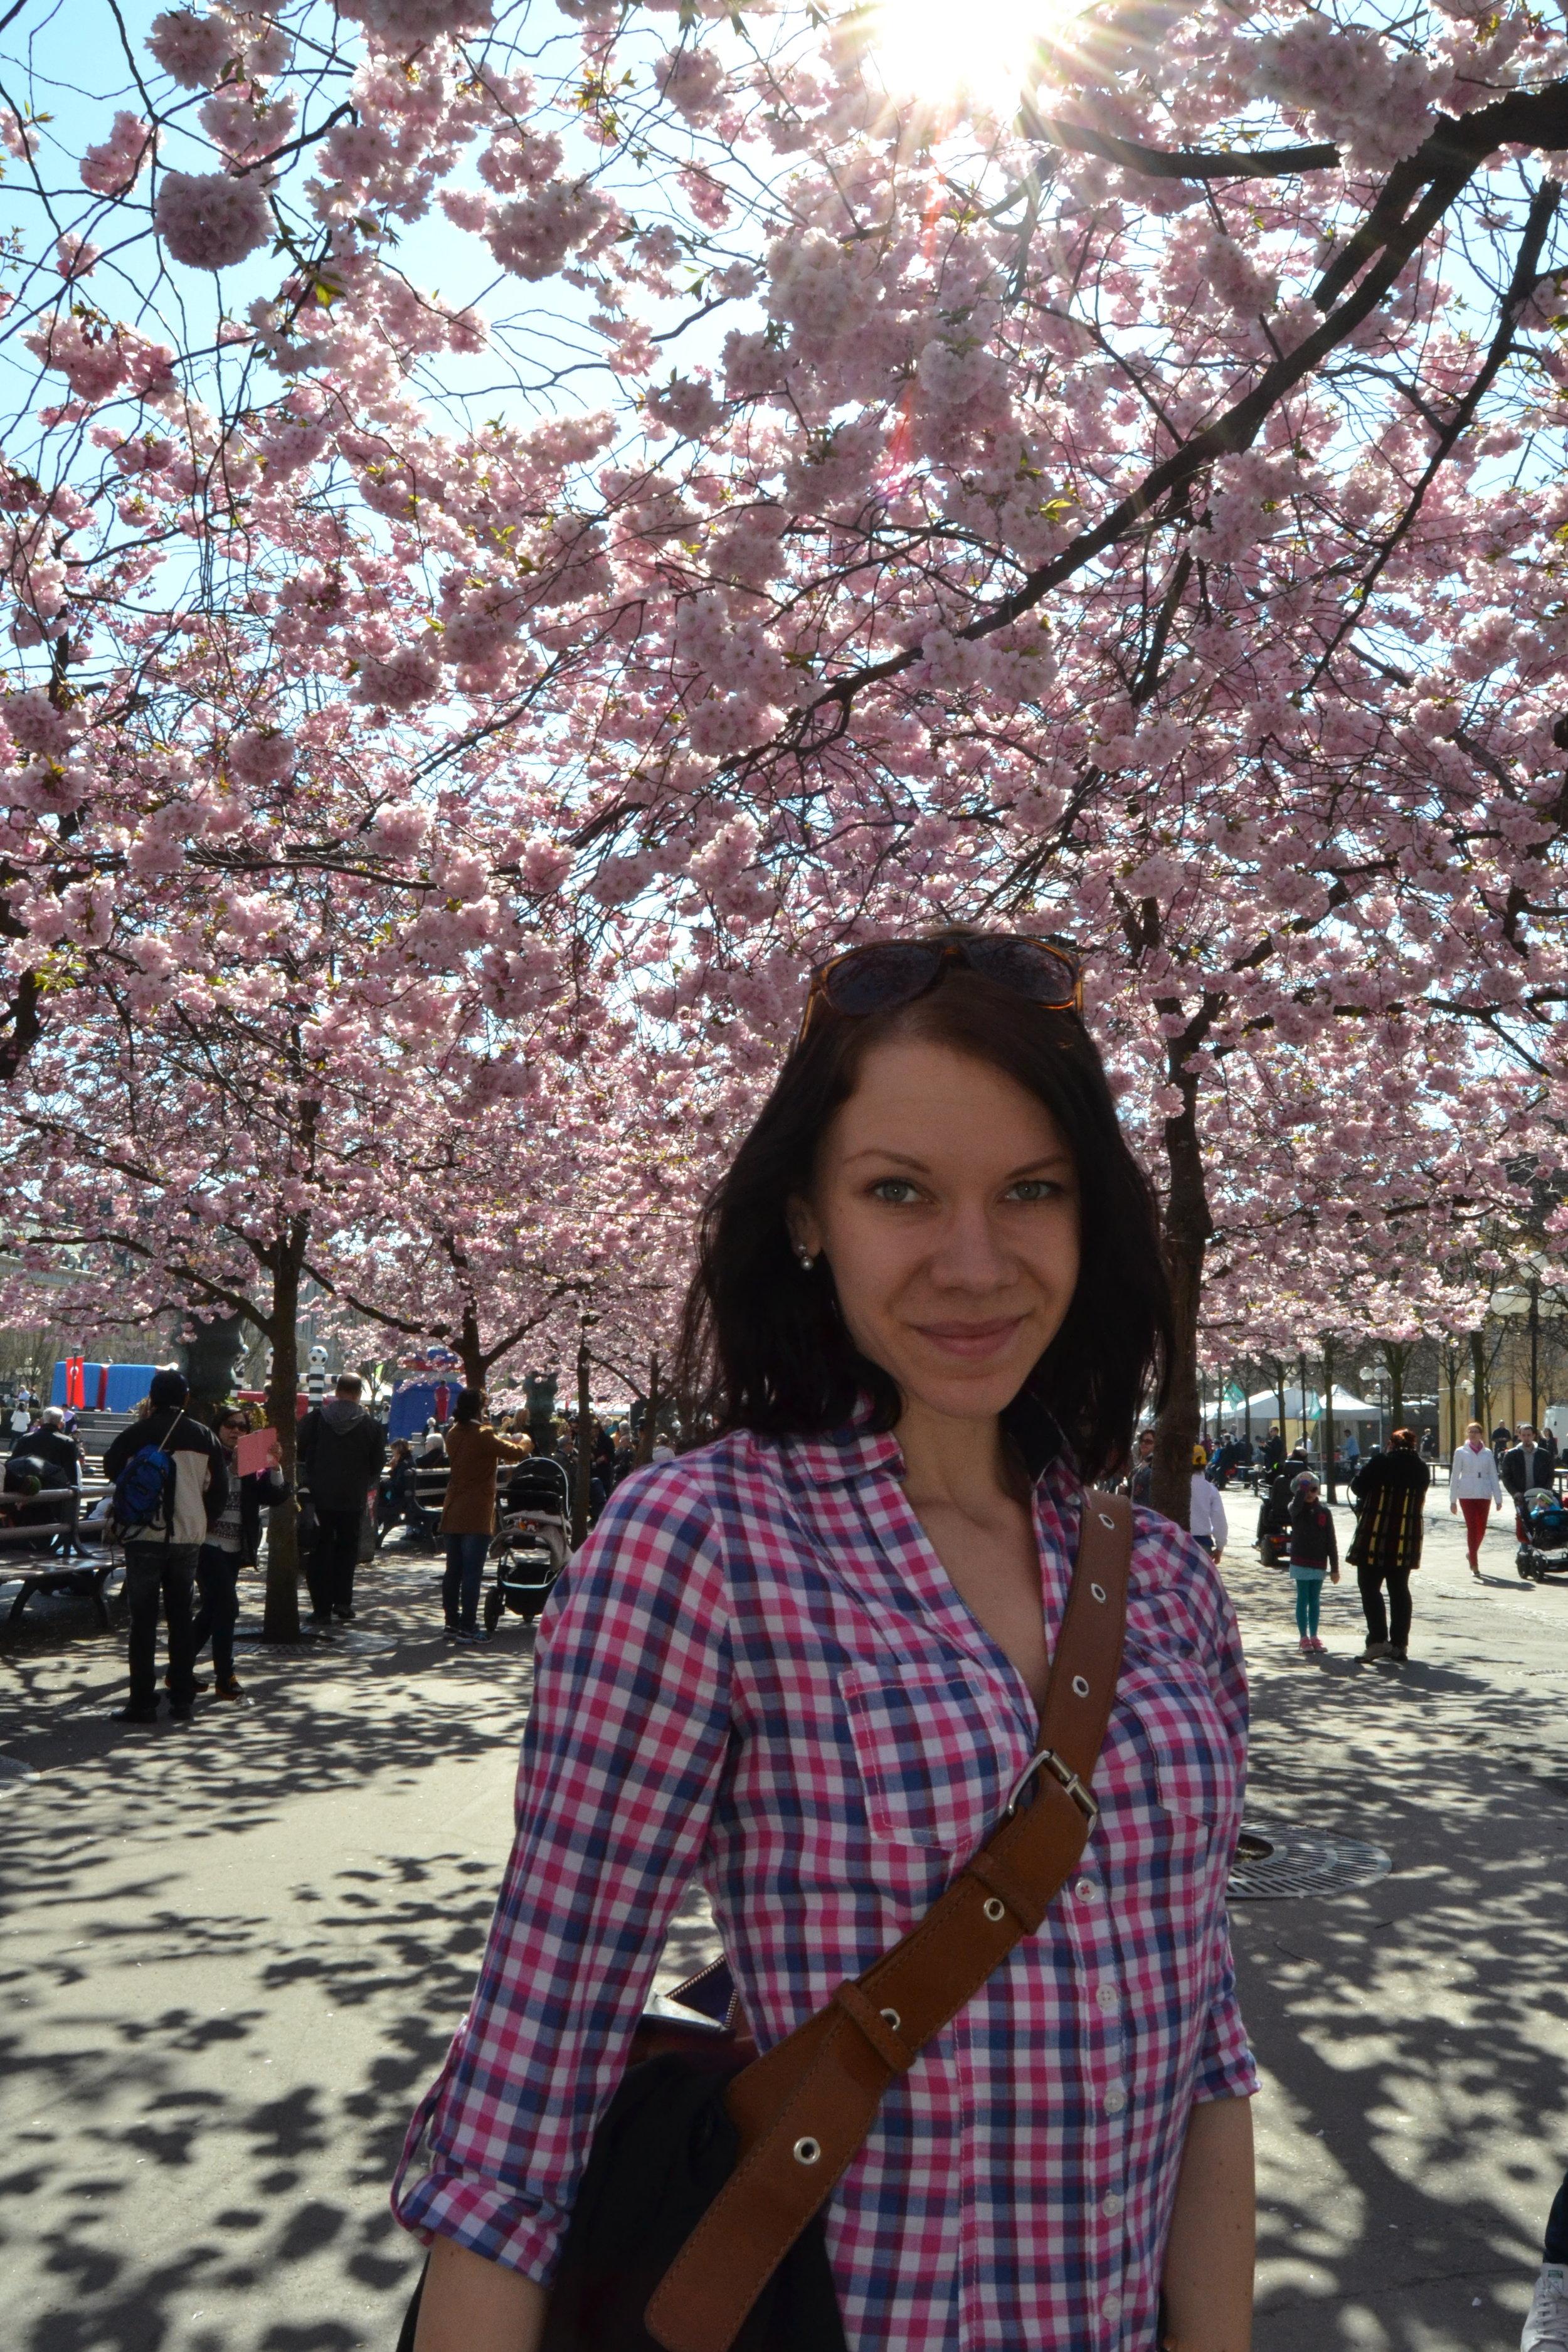 Kirsikankukkaloistoa Tukholmassa